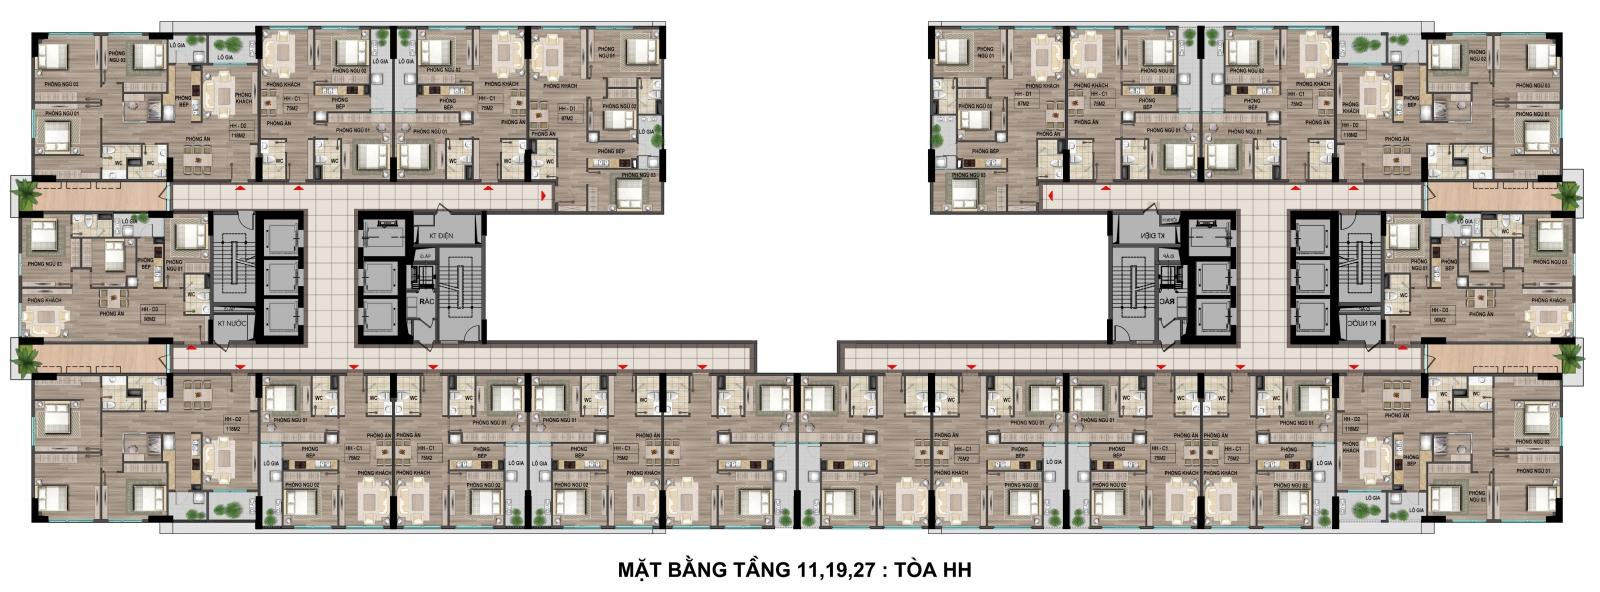 mat-bang-tang-11-19-27